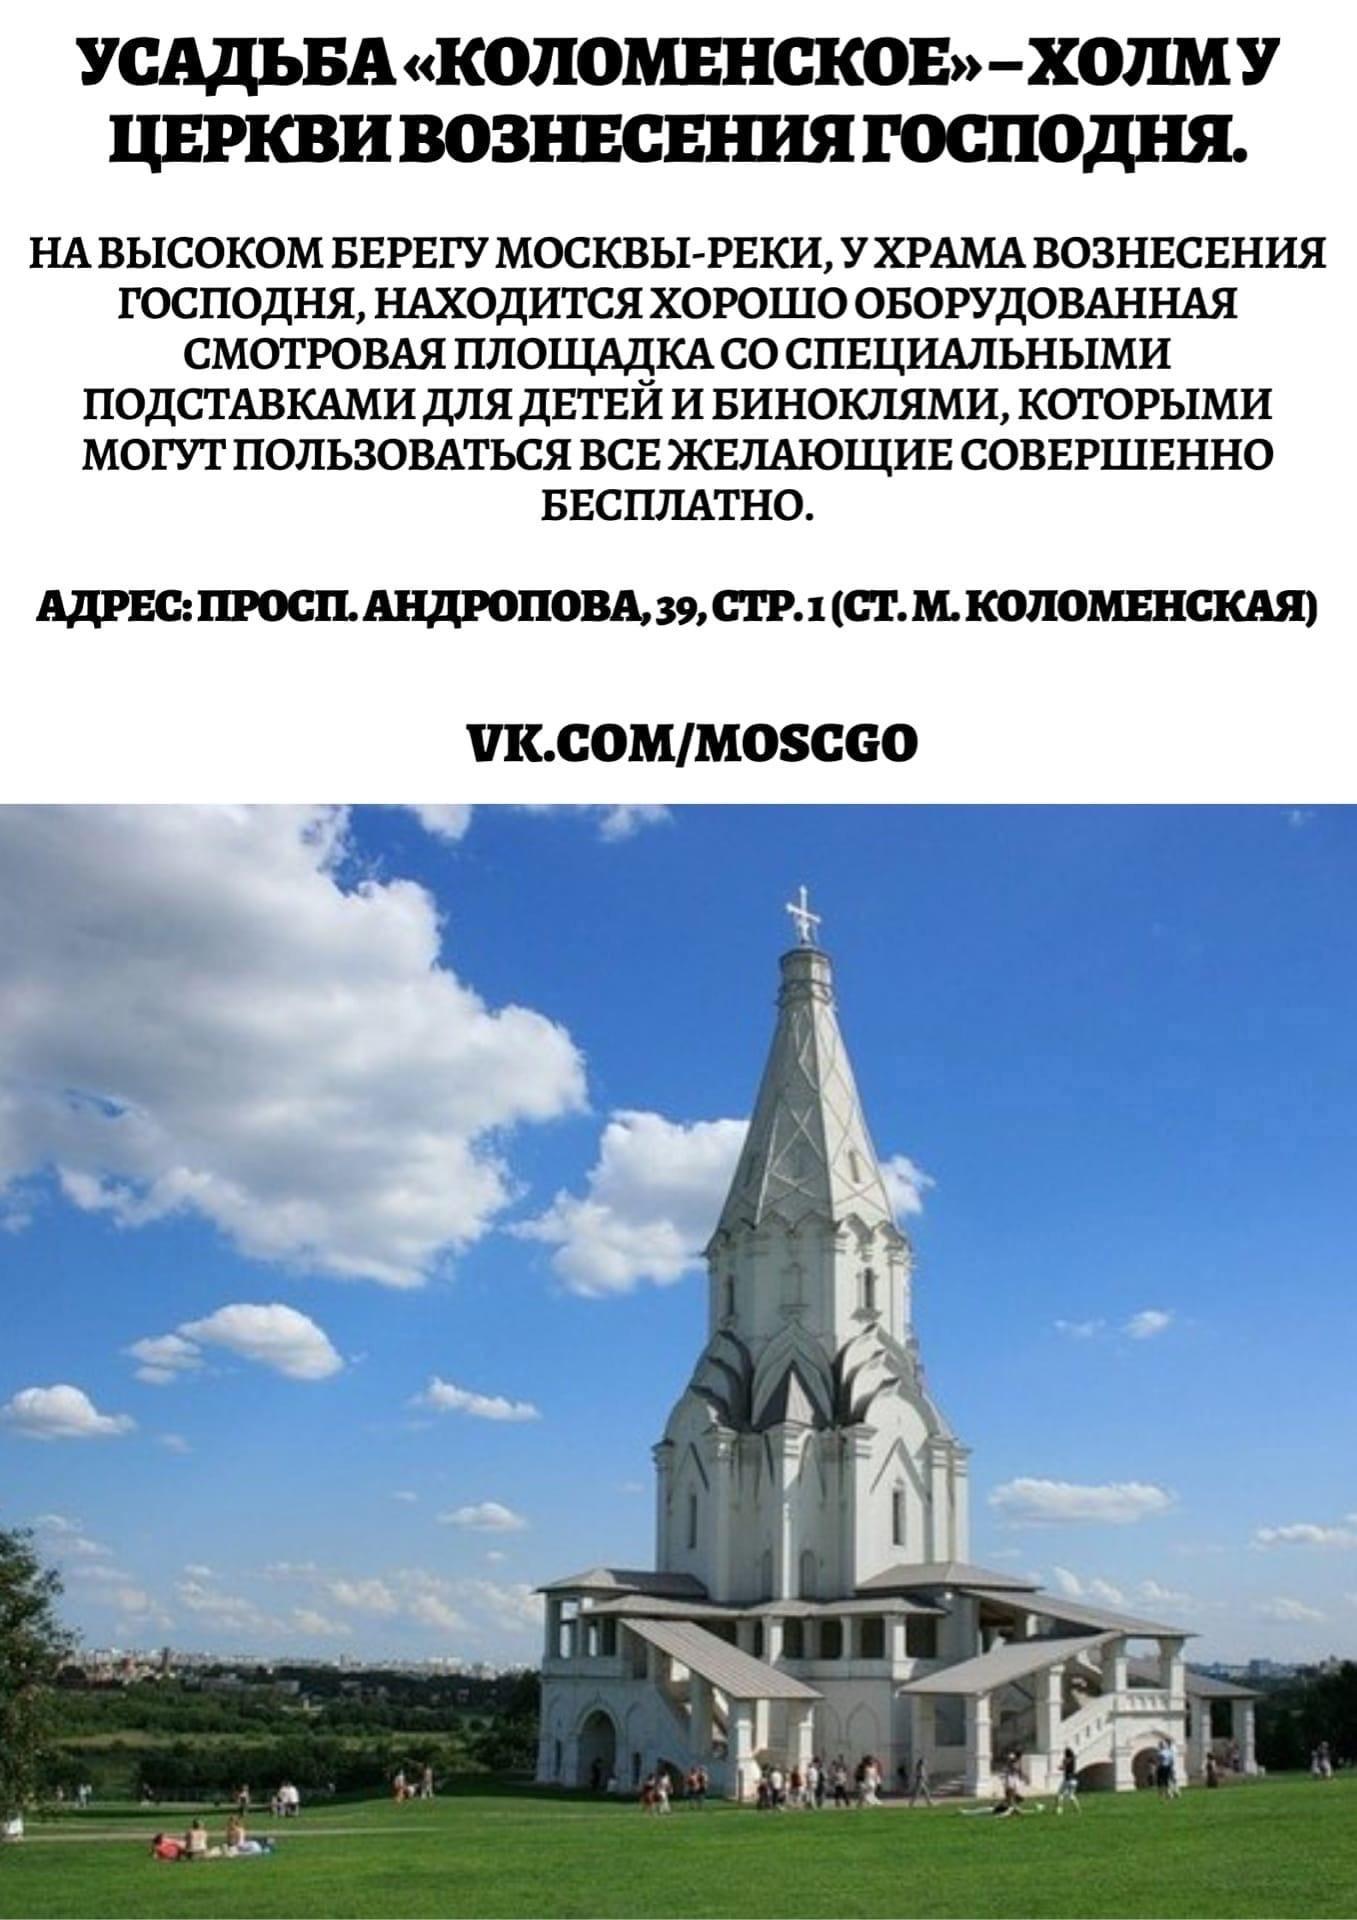 ТОП-6 бесплатных смотровых площадок, с которых можно увидеть золотую осеннюю Москву